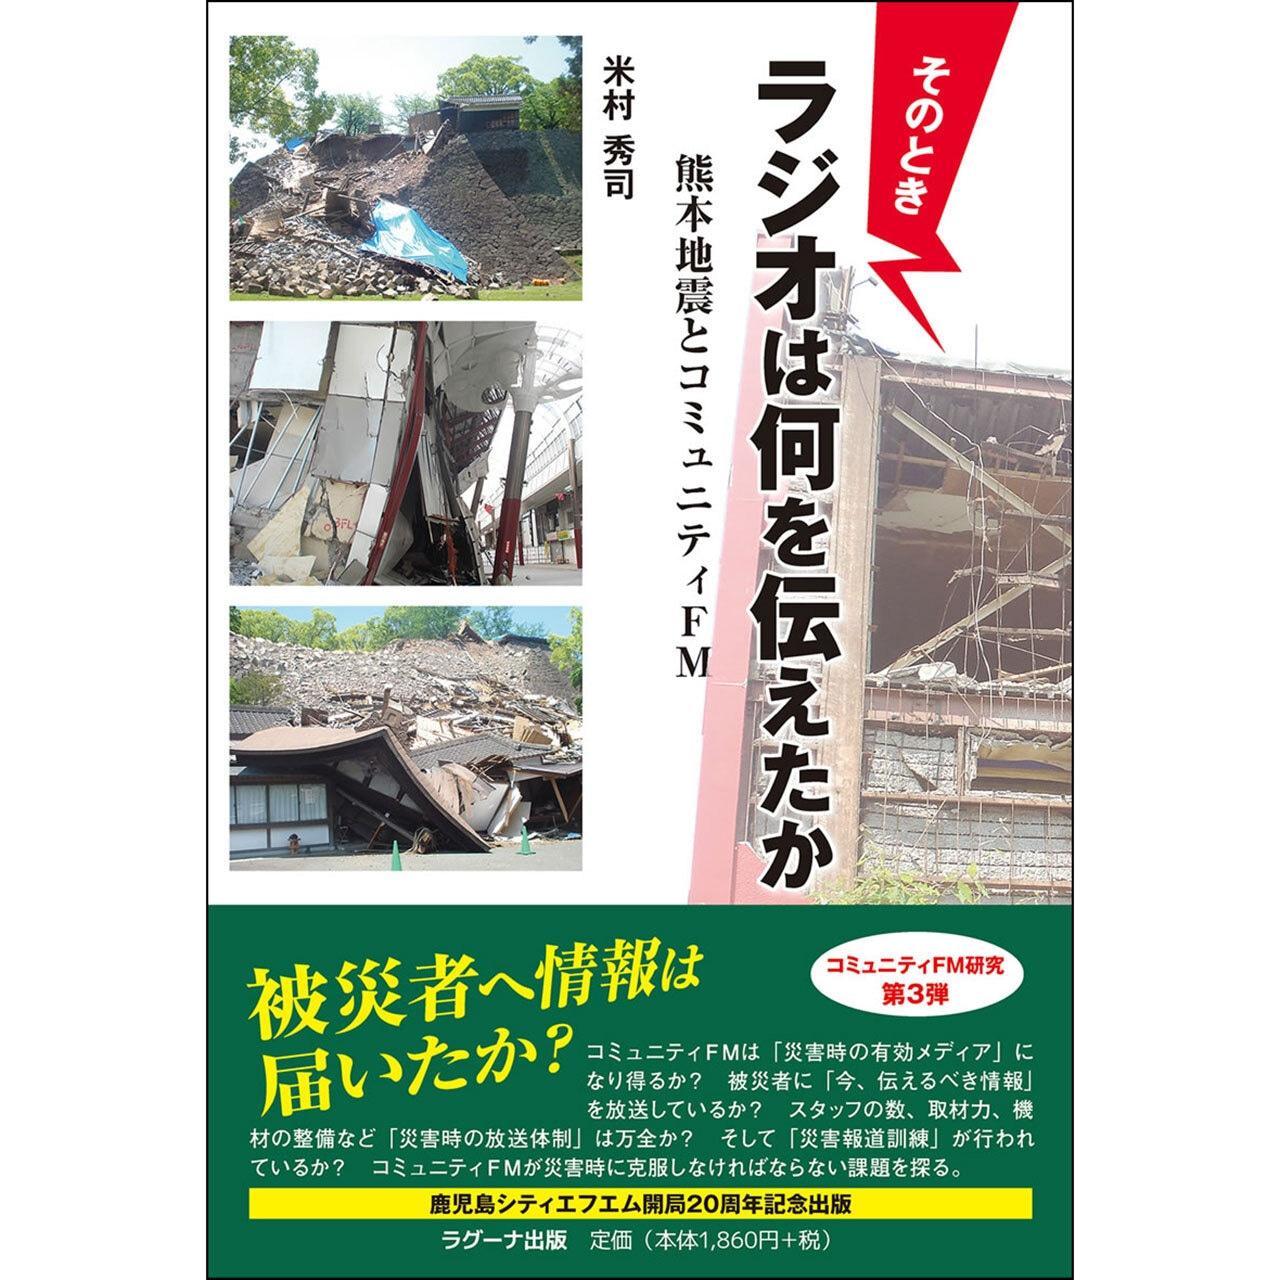 そのときラジオは何を伝えたか  - 熊本地震とコミュニティFM